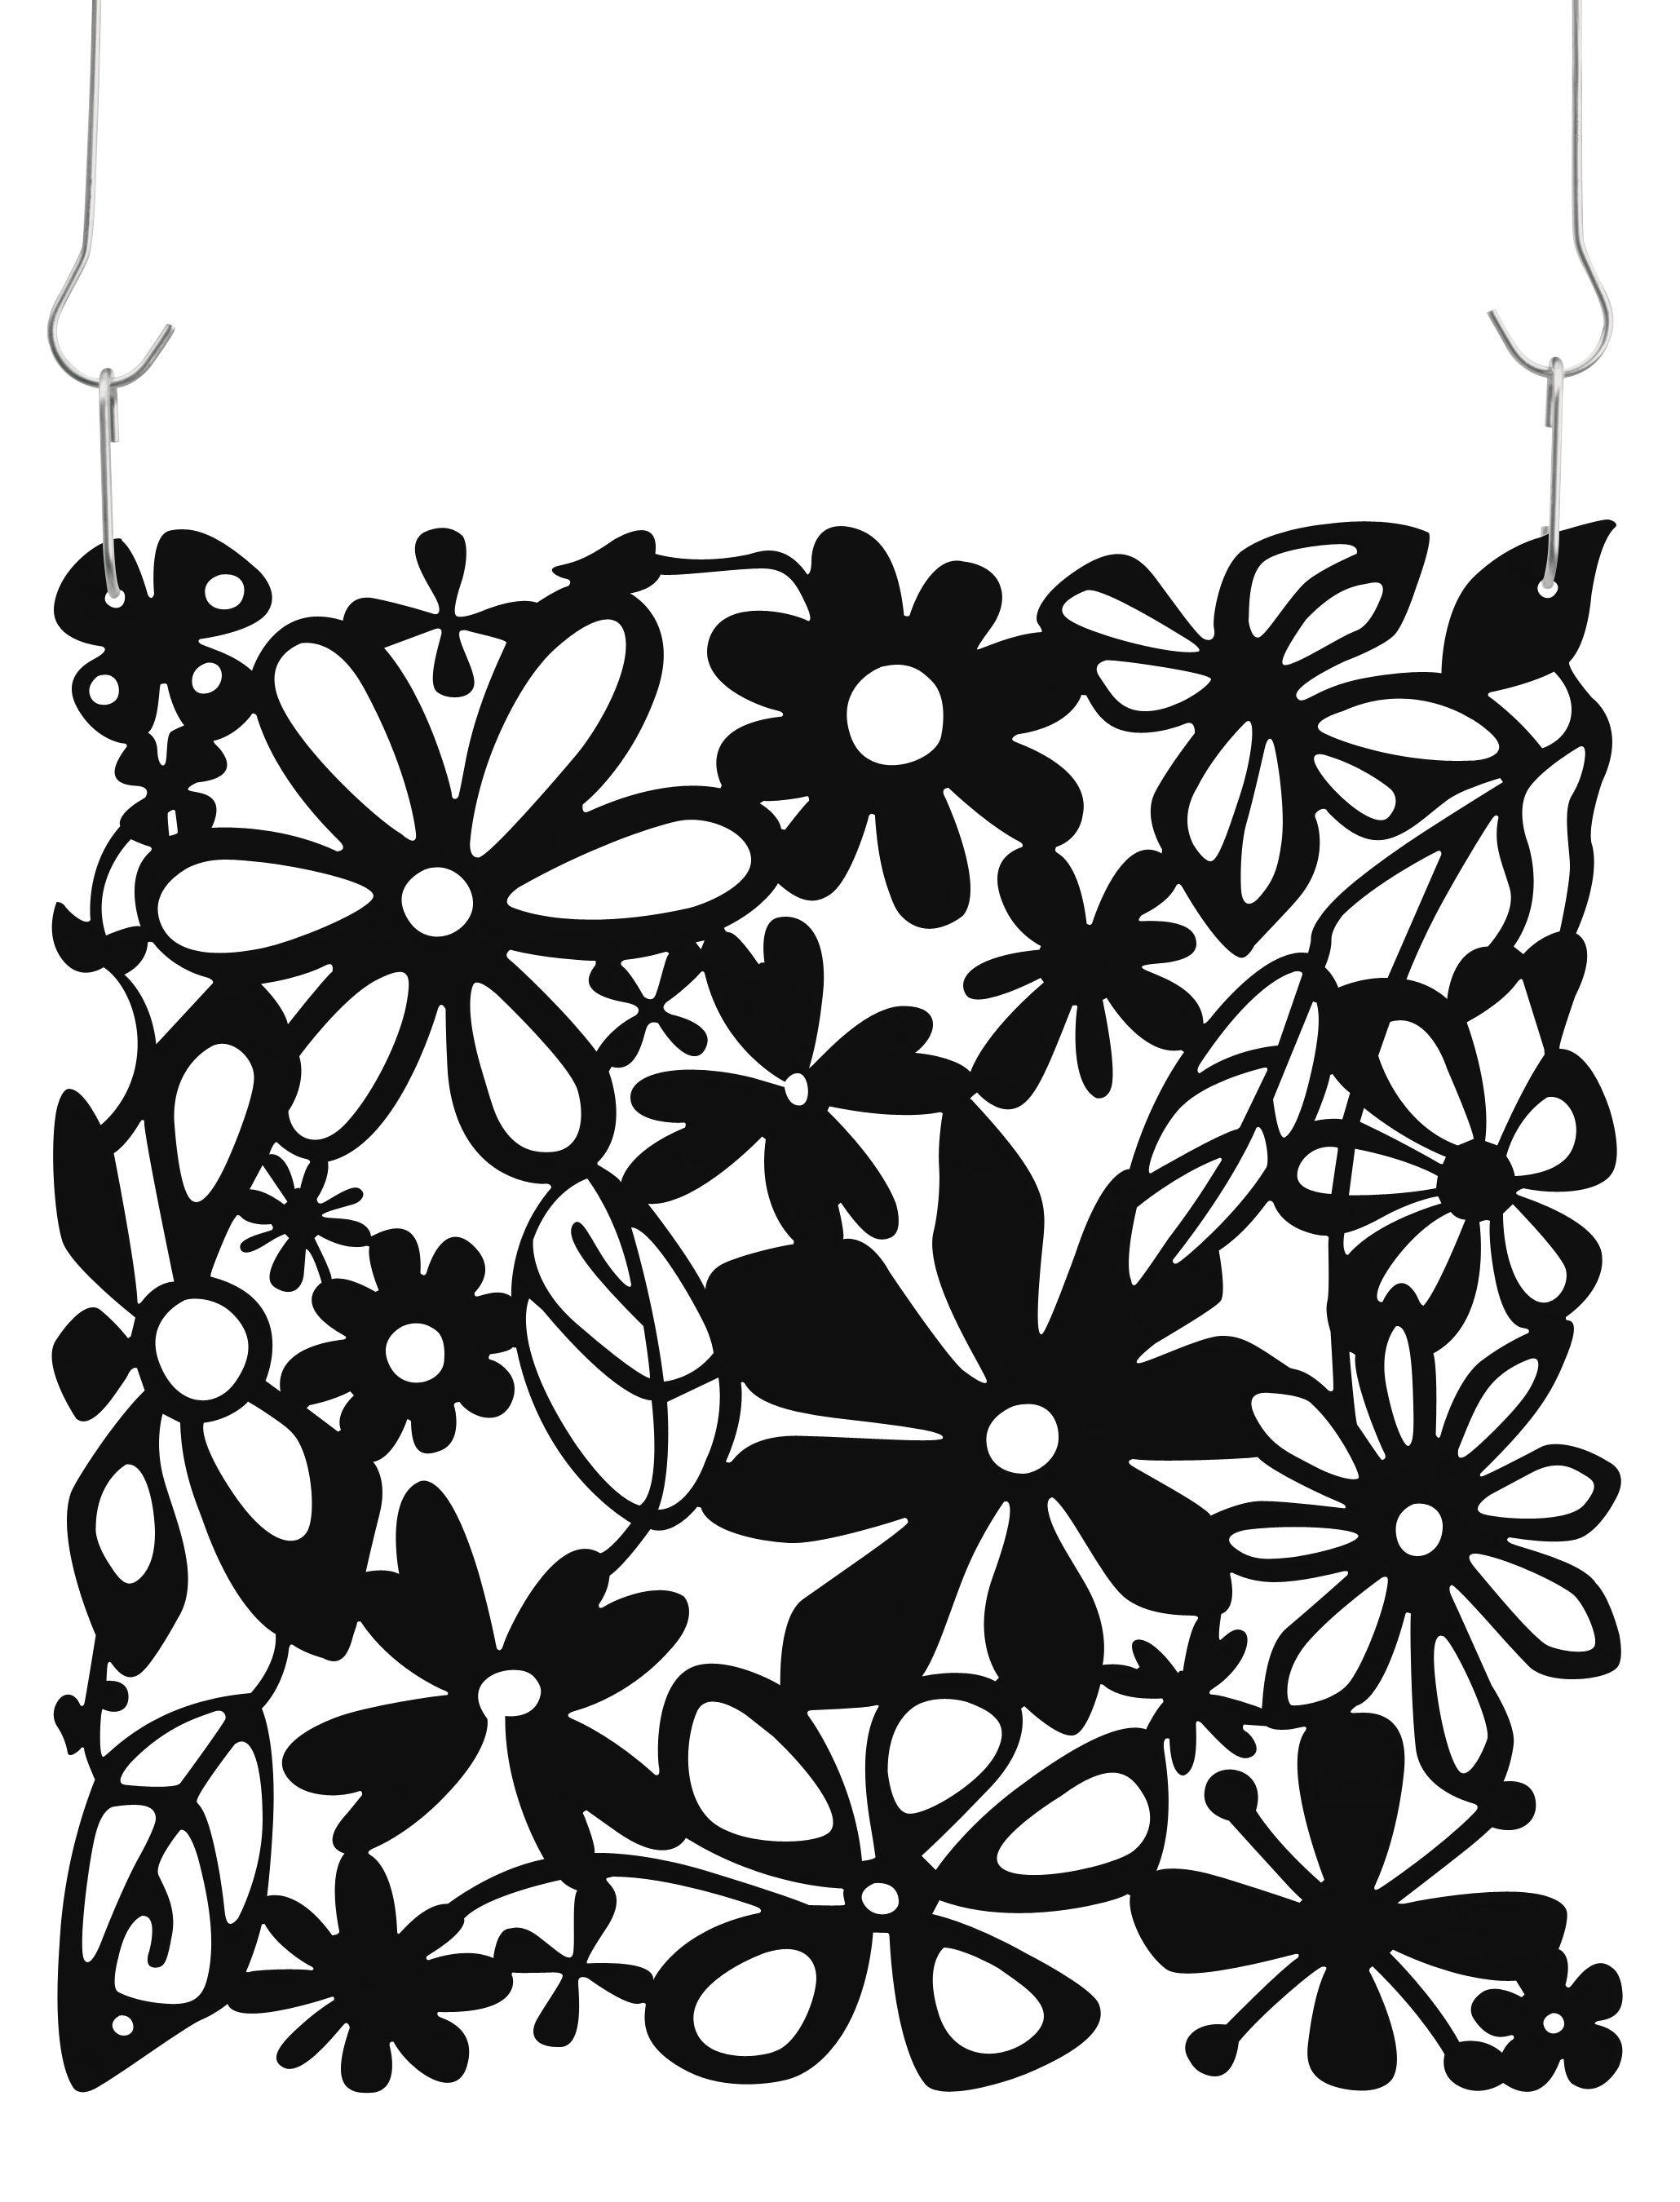 Mobilier - Paravents, séparations - Cloison Alice / Set de 4 - Crochets inclus - Koziol - Noir opaque - Polycarbonate